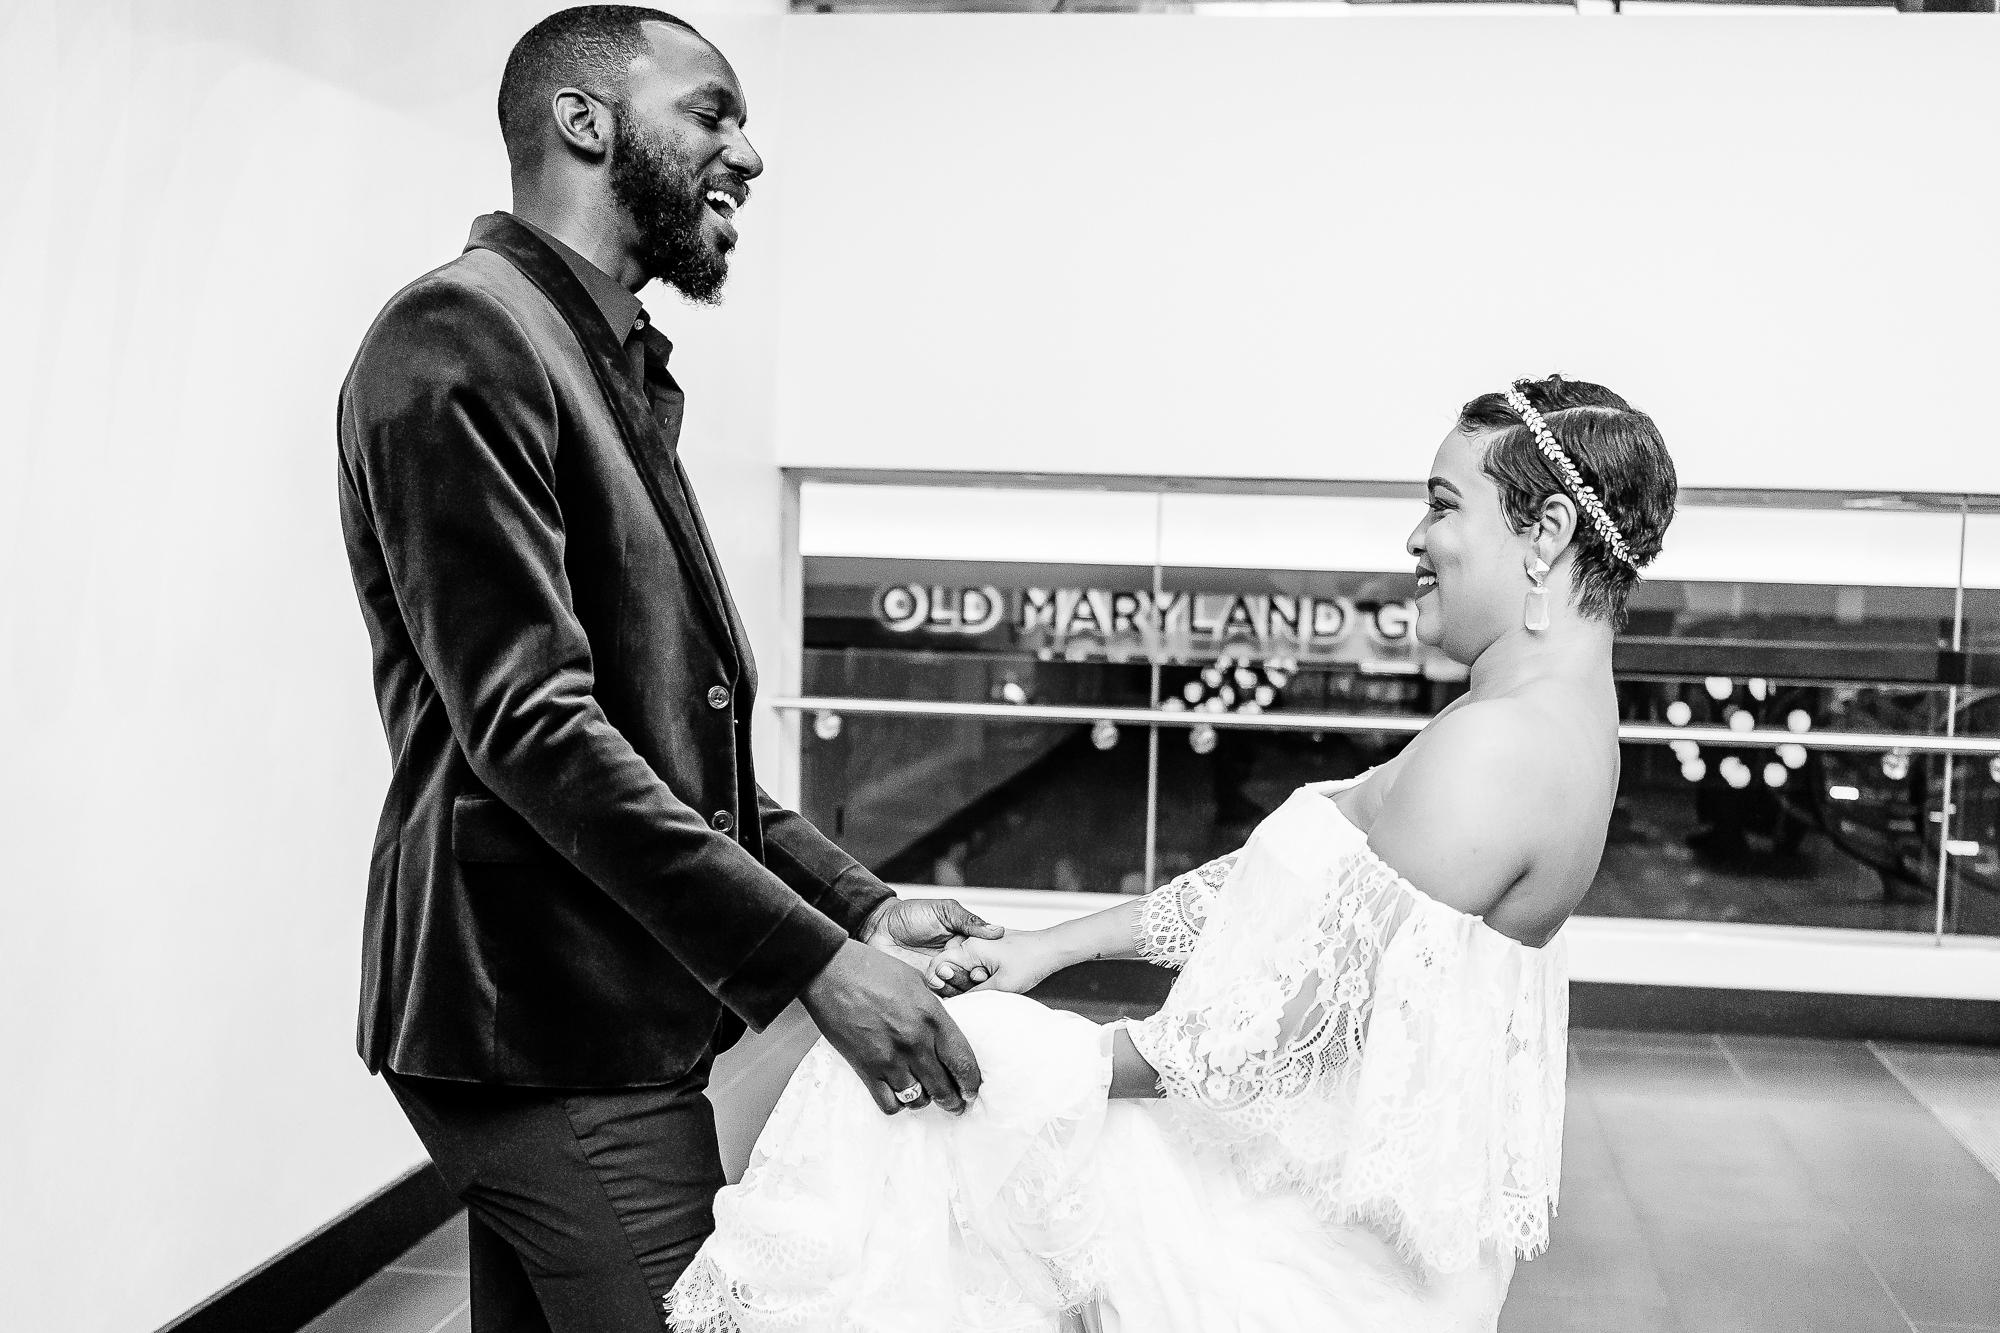 024-024-christopher-jason-studios-university-of-maryland-wedding-raheem-Devaughn-african-american-bride-and-groom.jpg